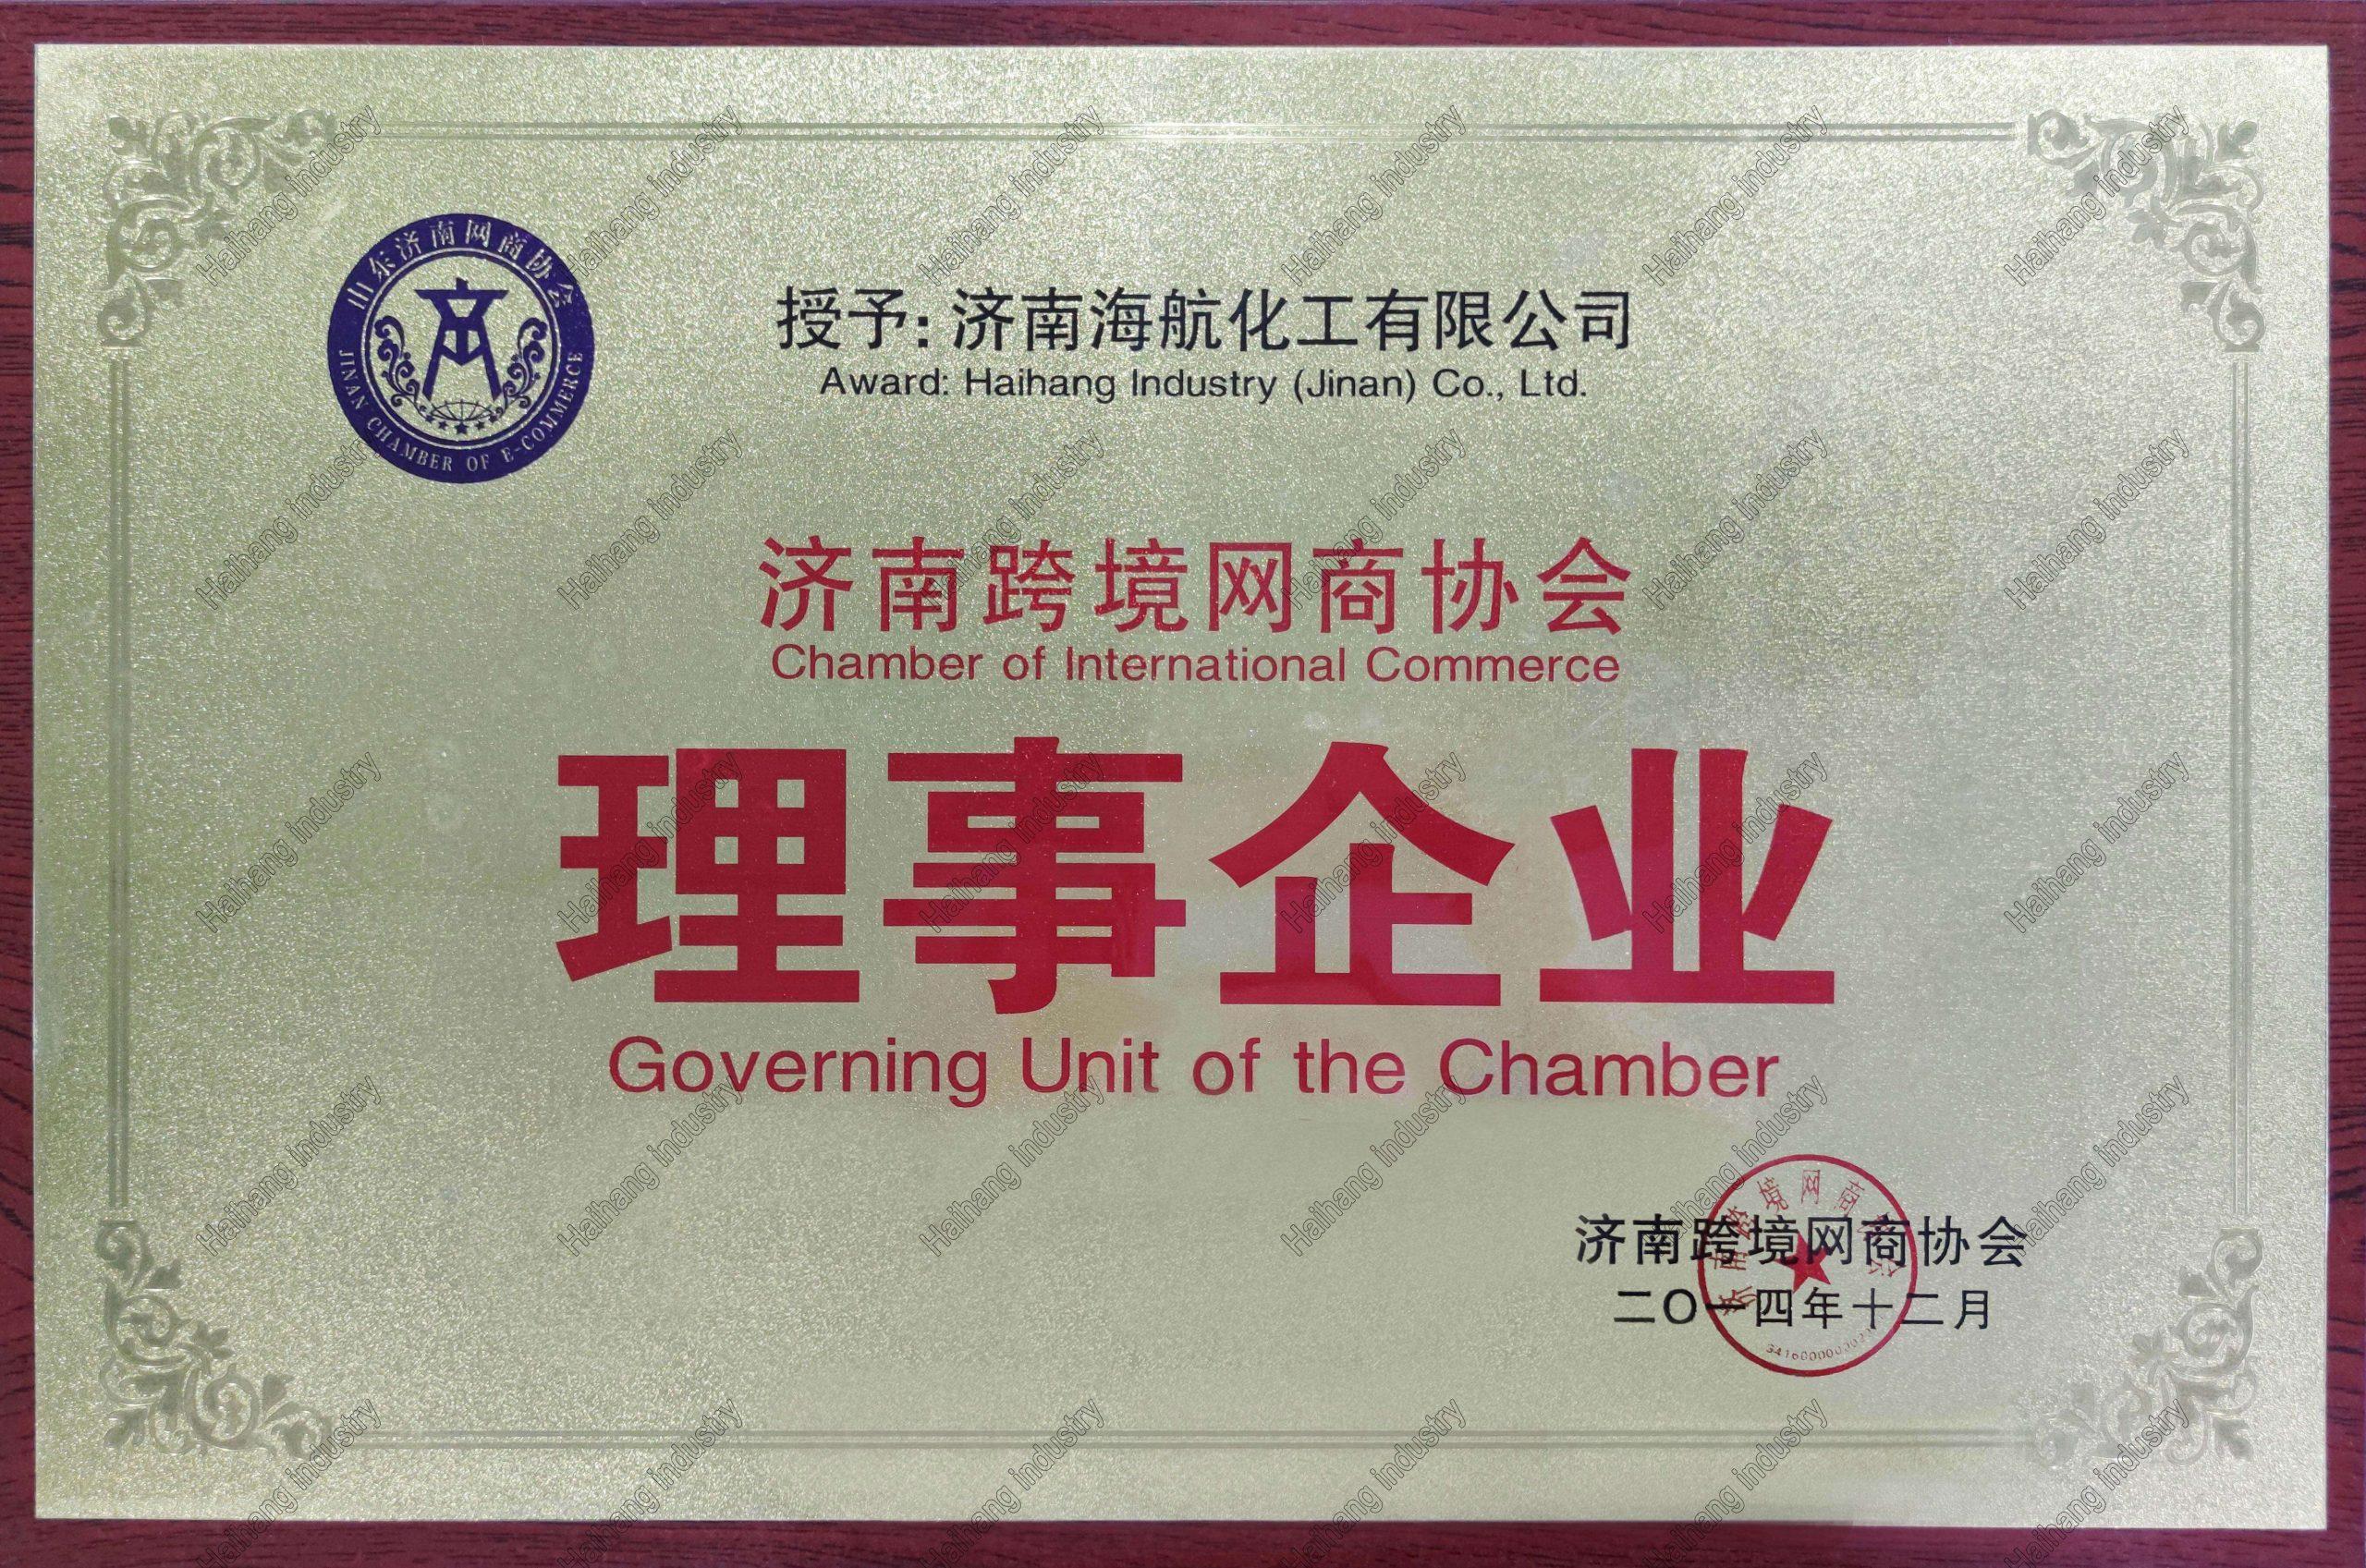 Director Enterprise of Jinan Cross-border Internet Merchants Association